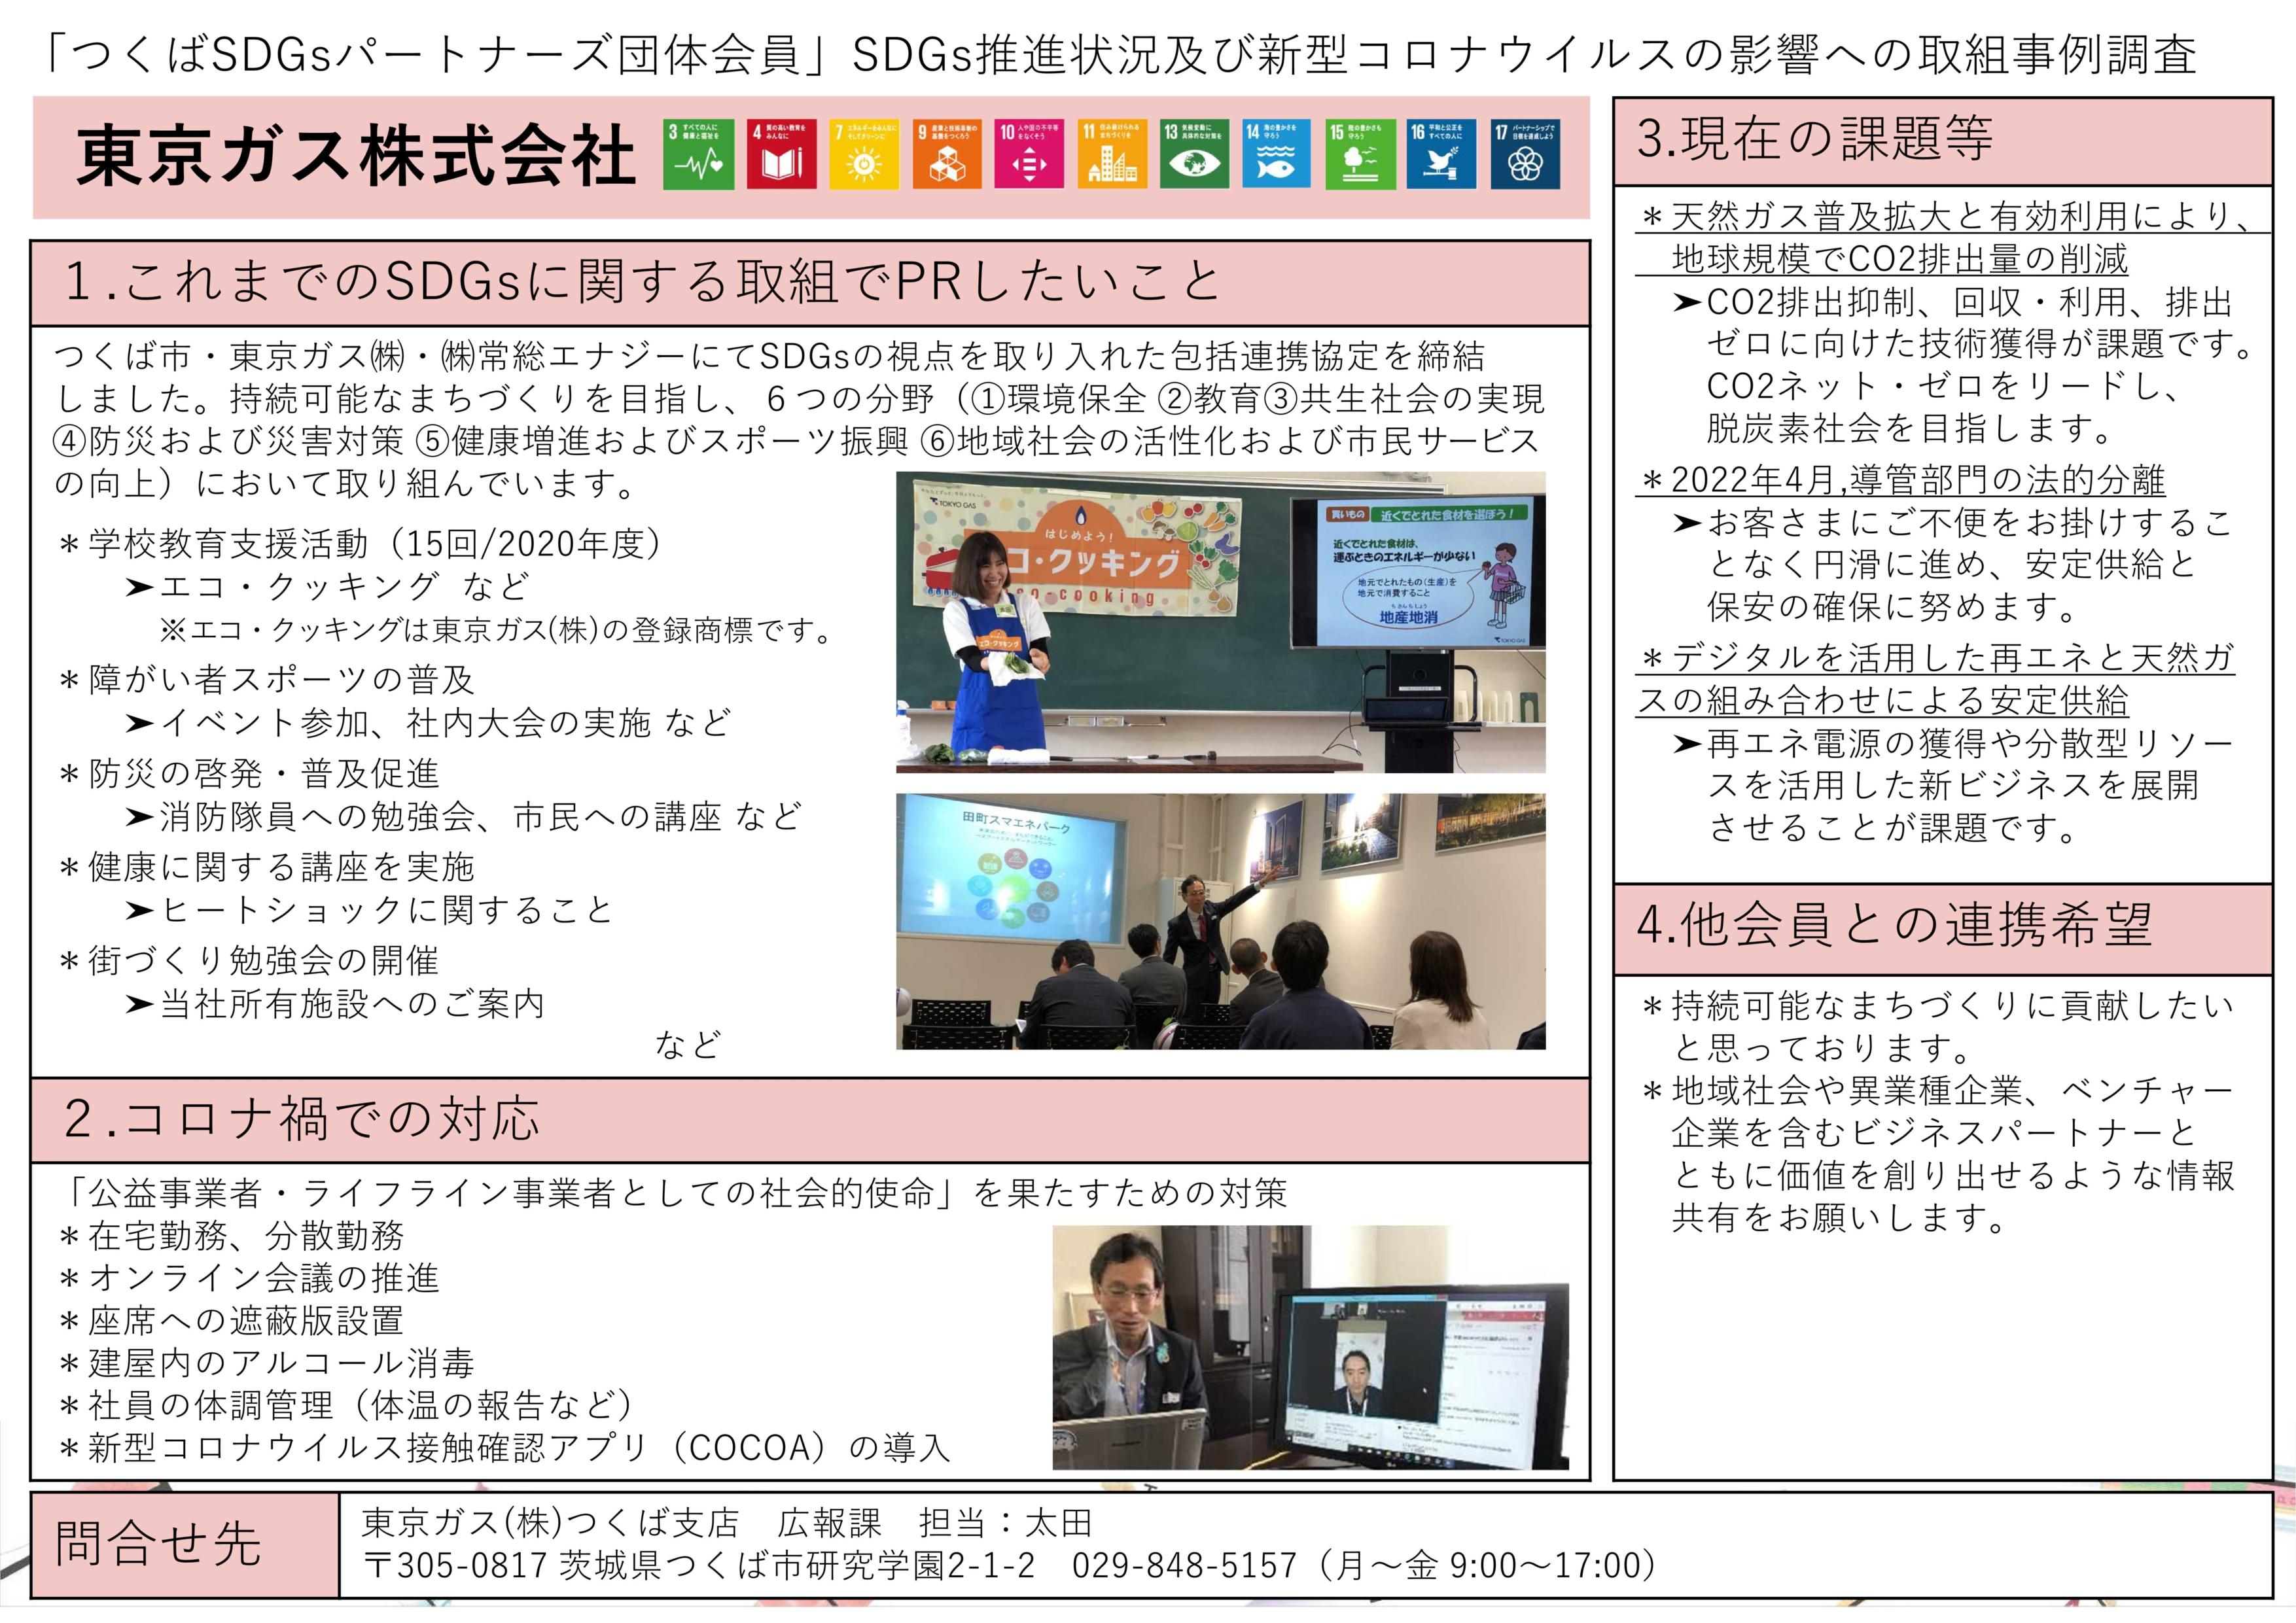 004_東京ガス株式会社 つくば支社